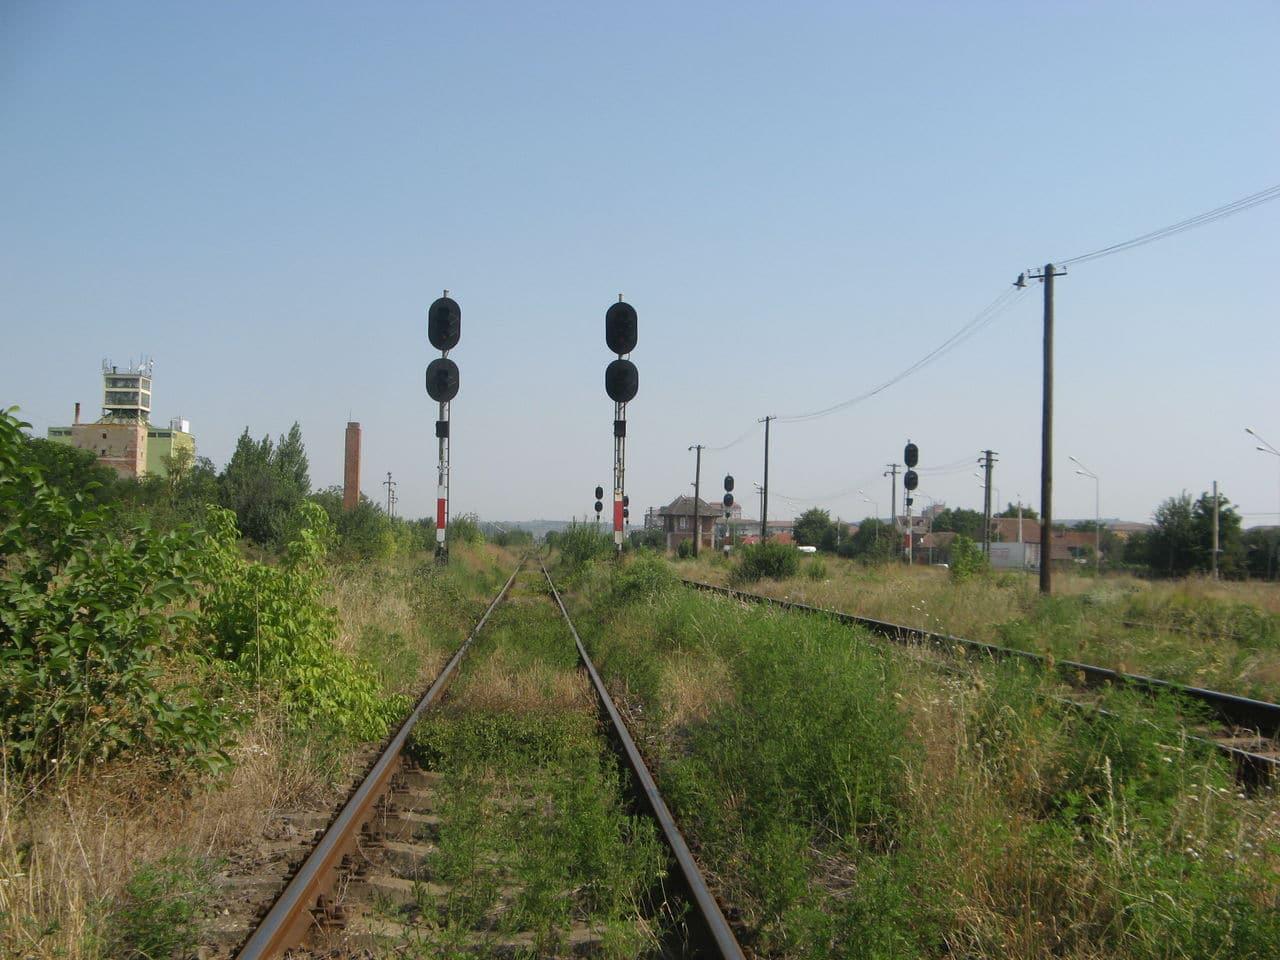 Calea ferată directă Oradea Vest - Episcopia Bihor IMG_0004